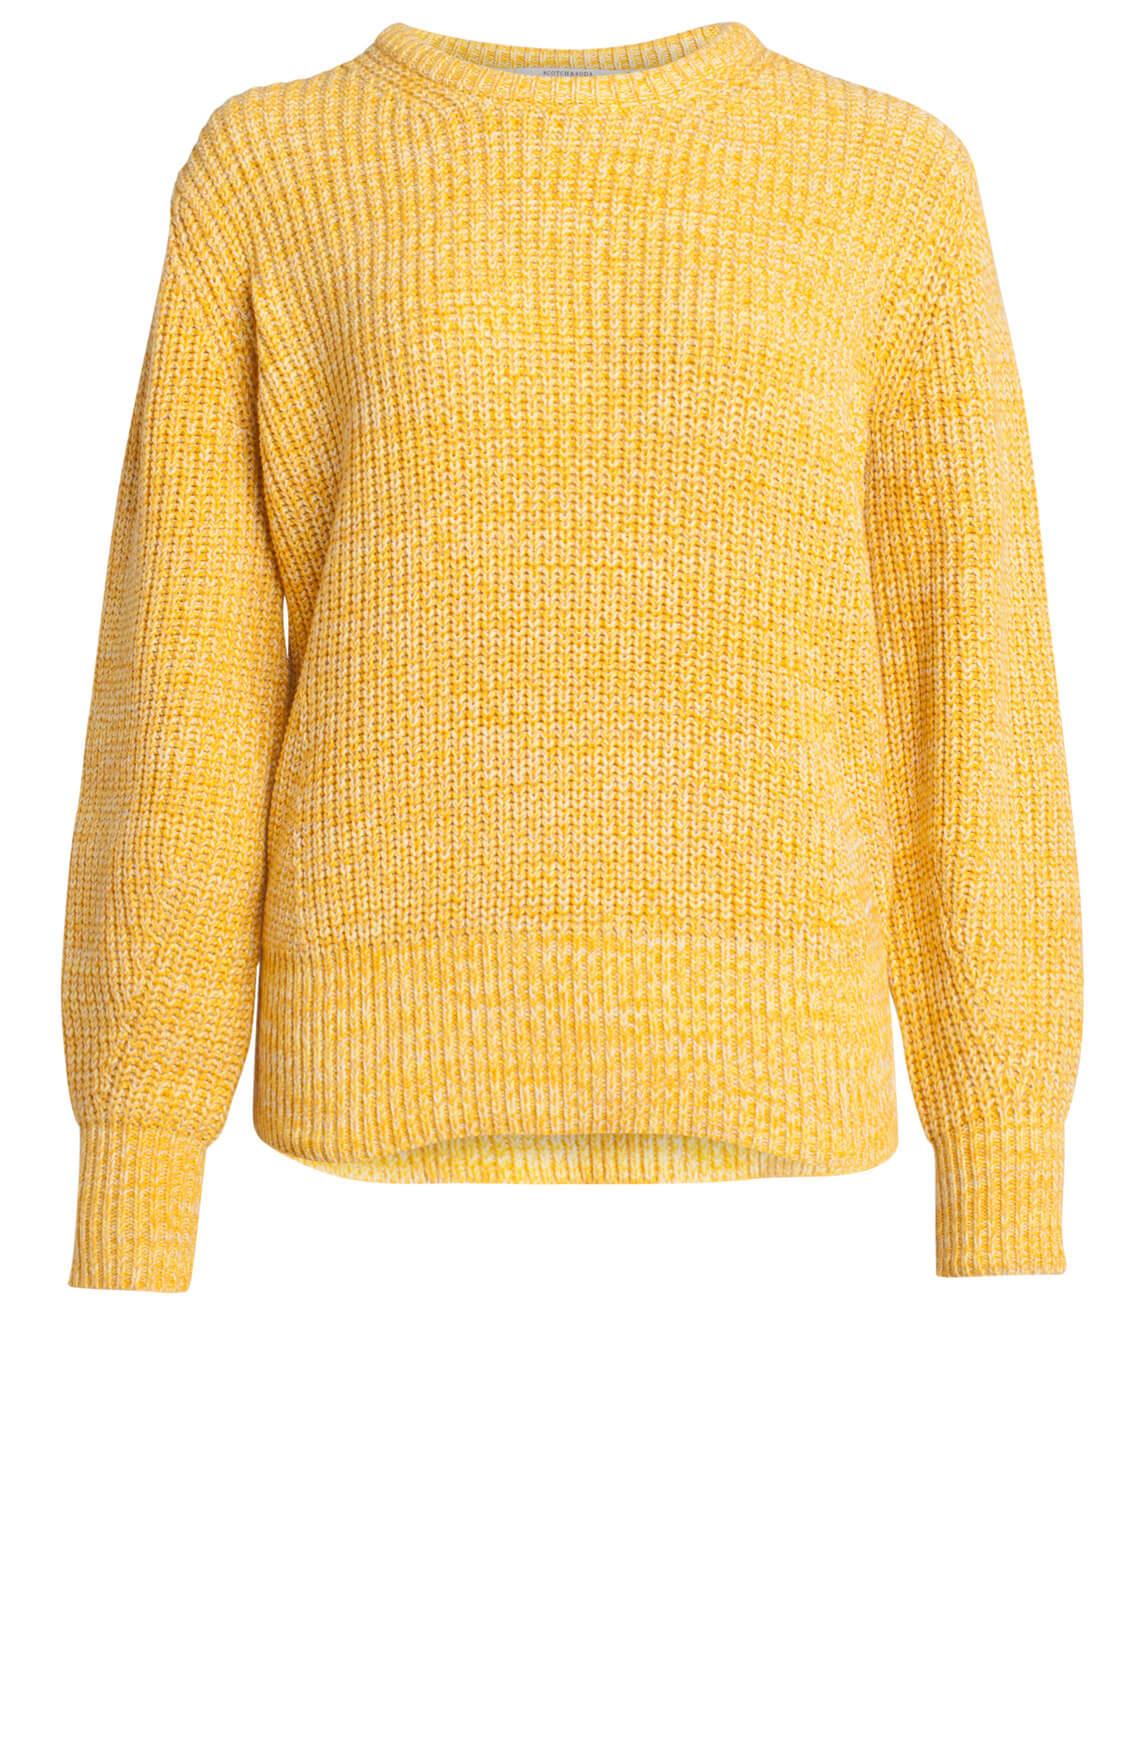 Maison Scotch Dames Grofgebreide pullover geel